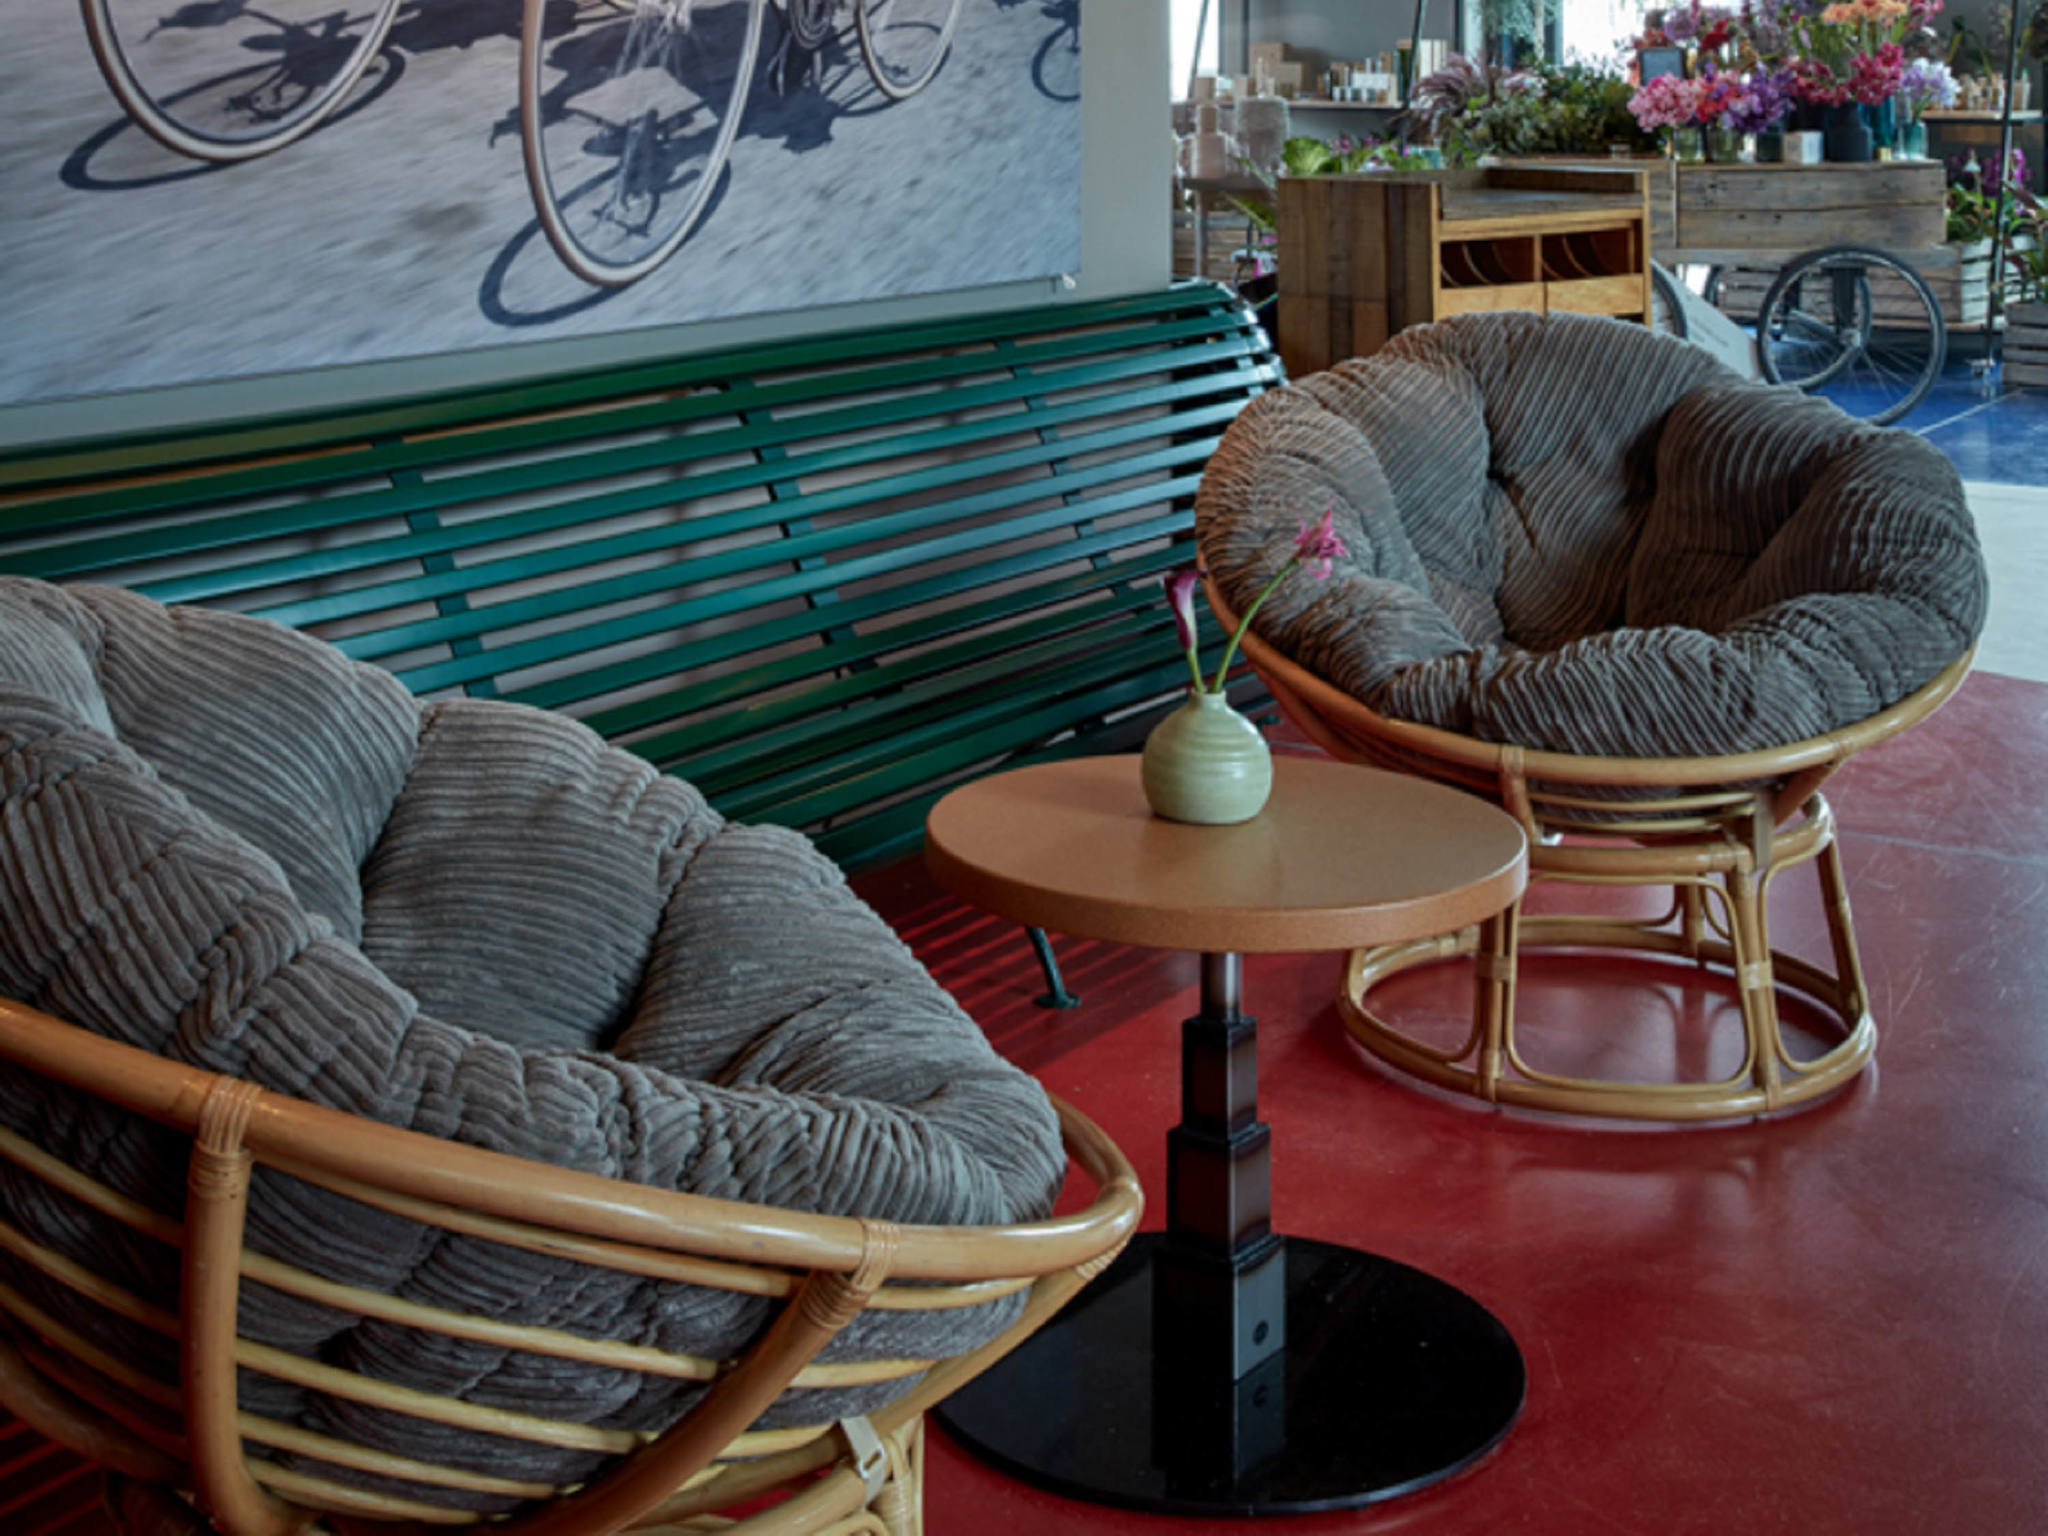 Hotel – 25hours Hotel Duesseldorf Das Tour